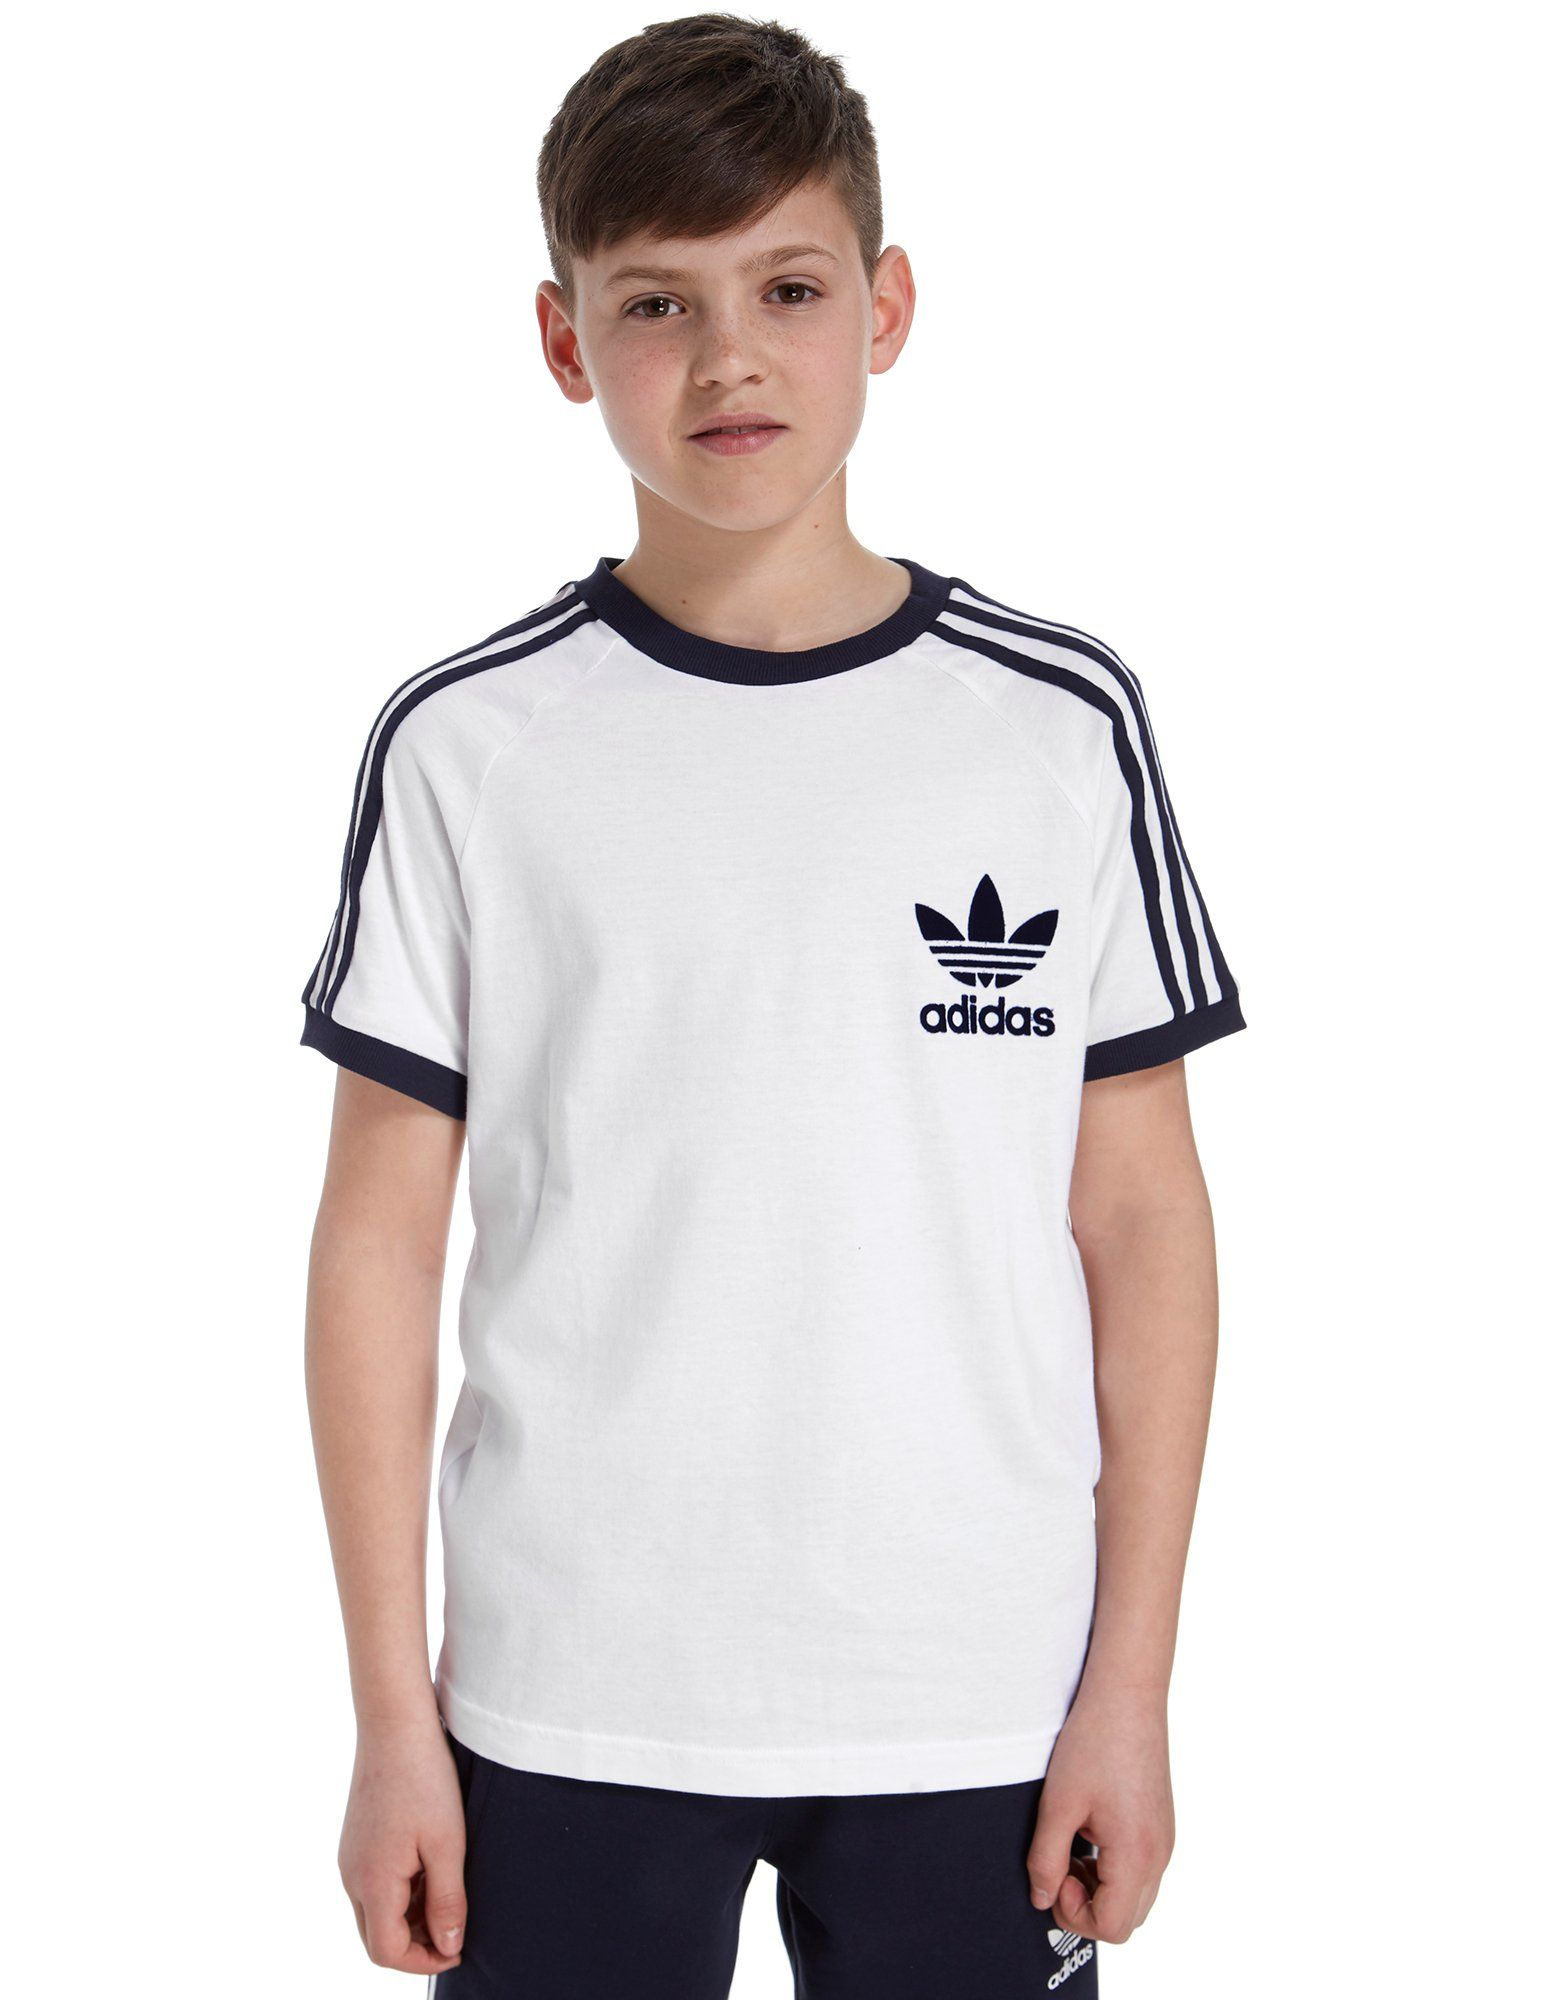 100% authentic 2d092 96c53 adidas Originals California T-Shirt Junior   JD Sports